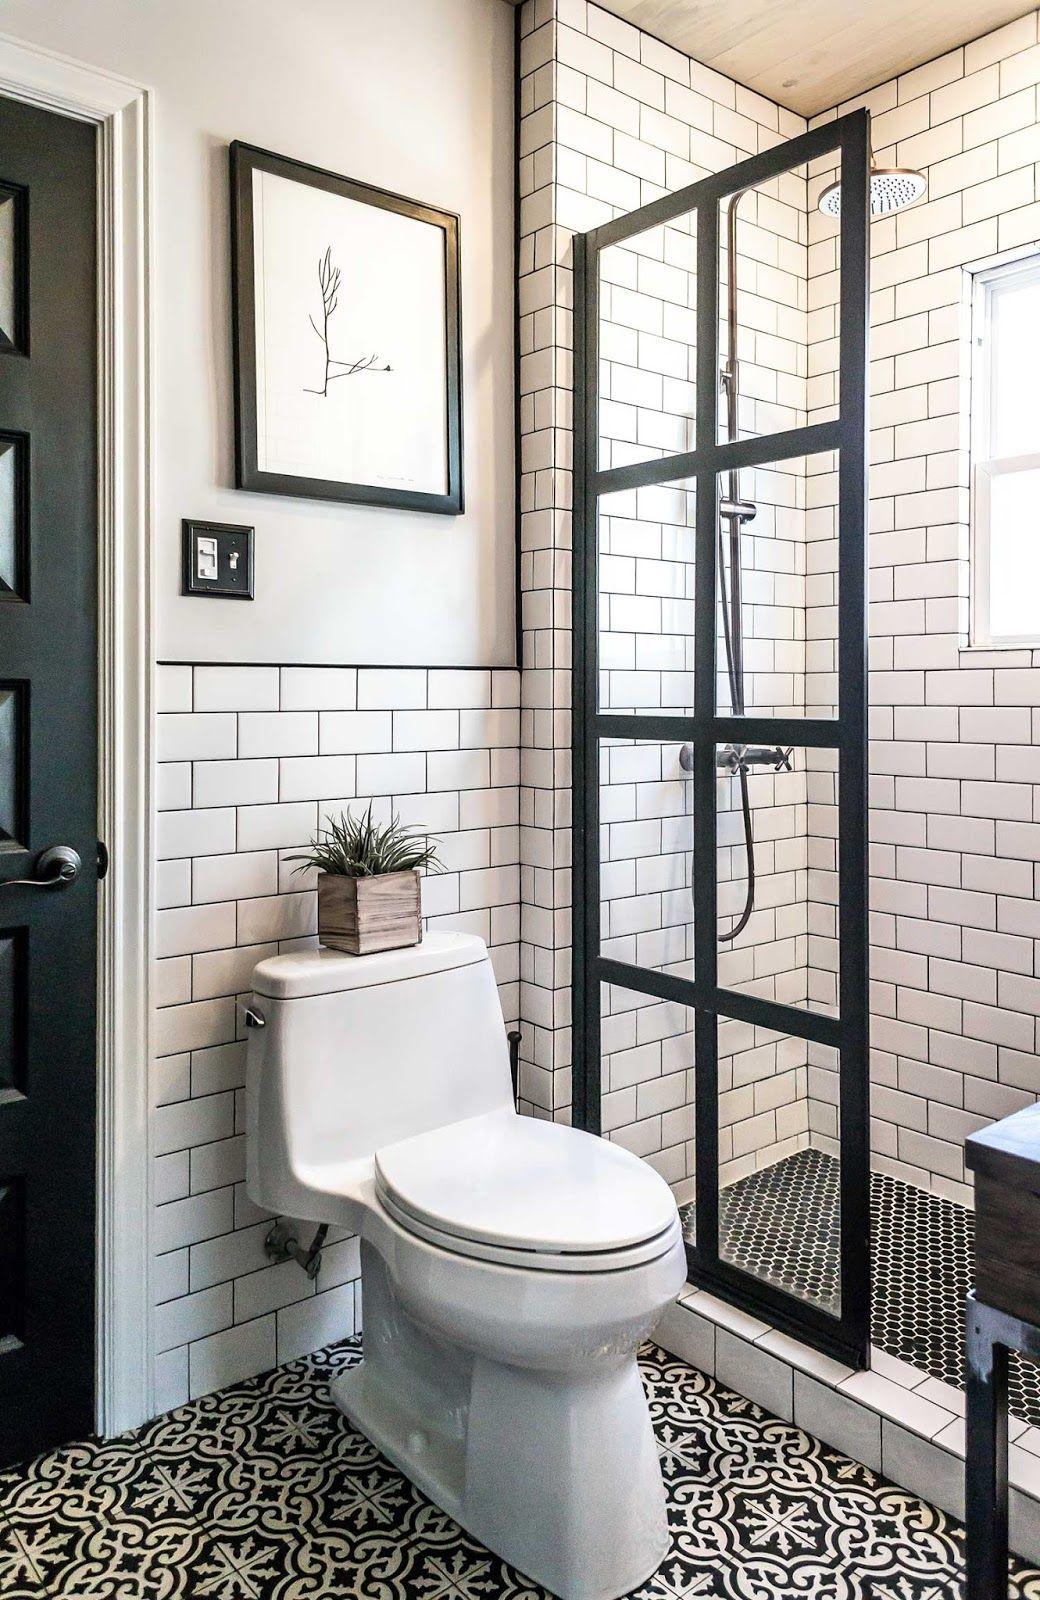 Meuble Salle De Bain Lavabo Pierre ~ Bathroom La Tendance Actuelle Pour Nos Salles De Bain Ne Cherchez